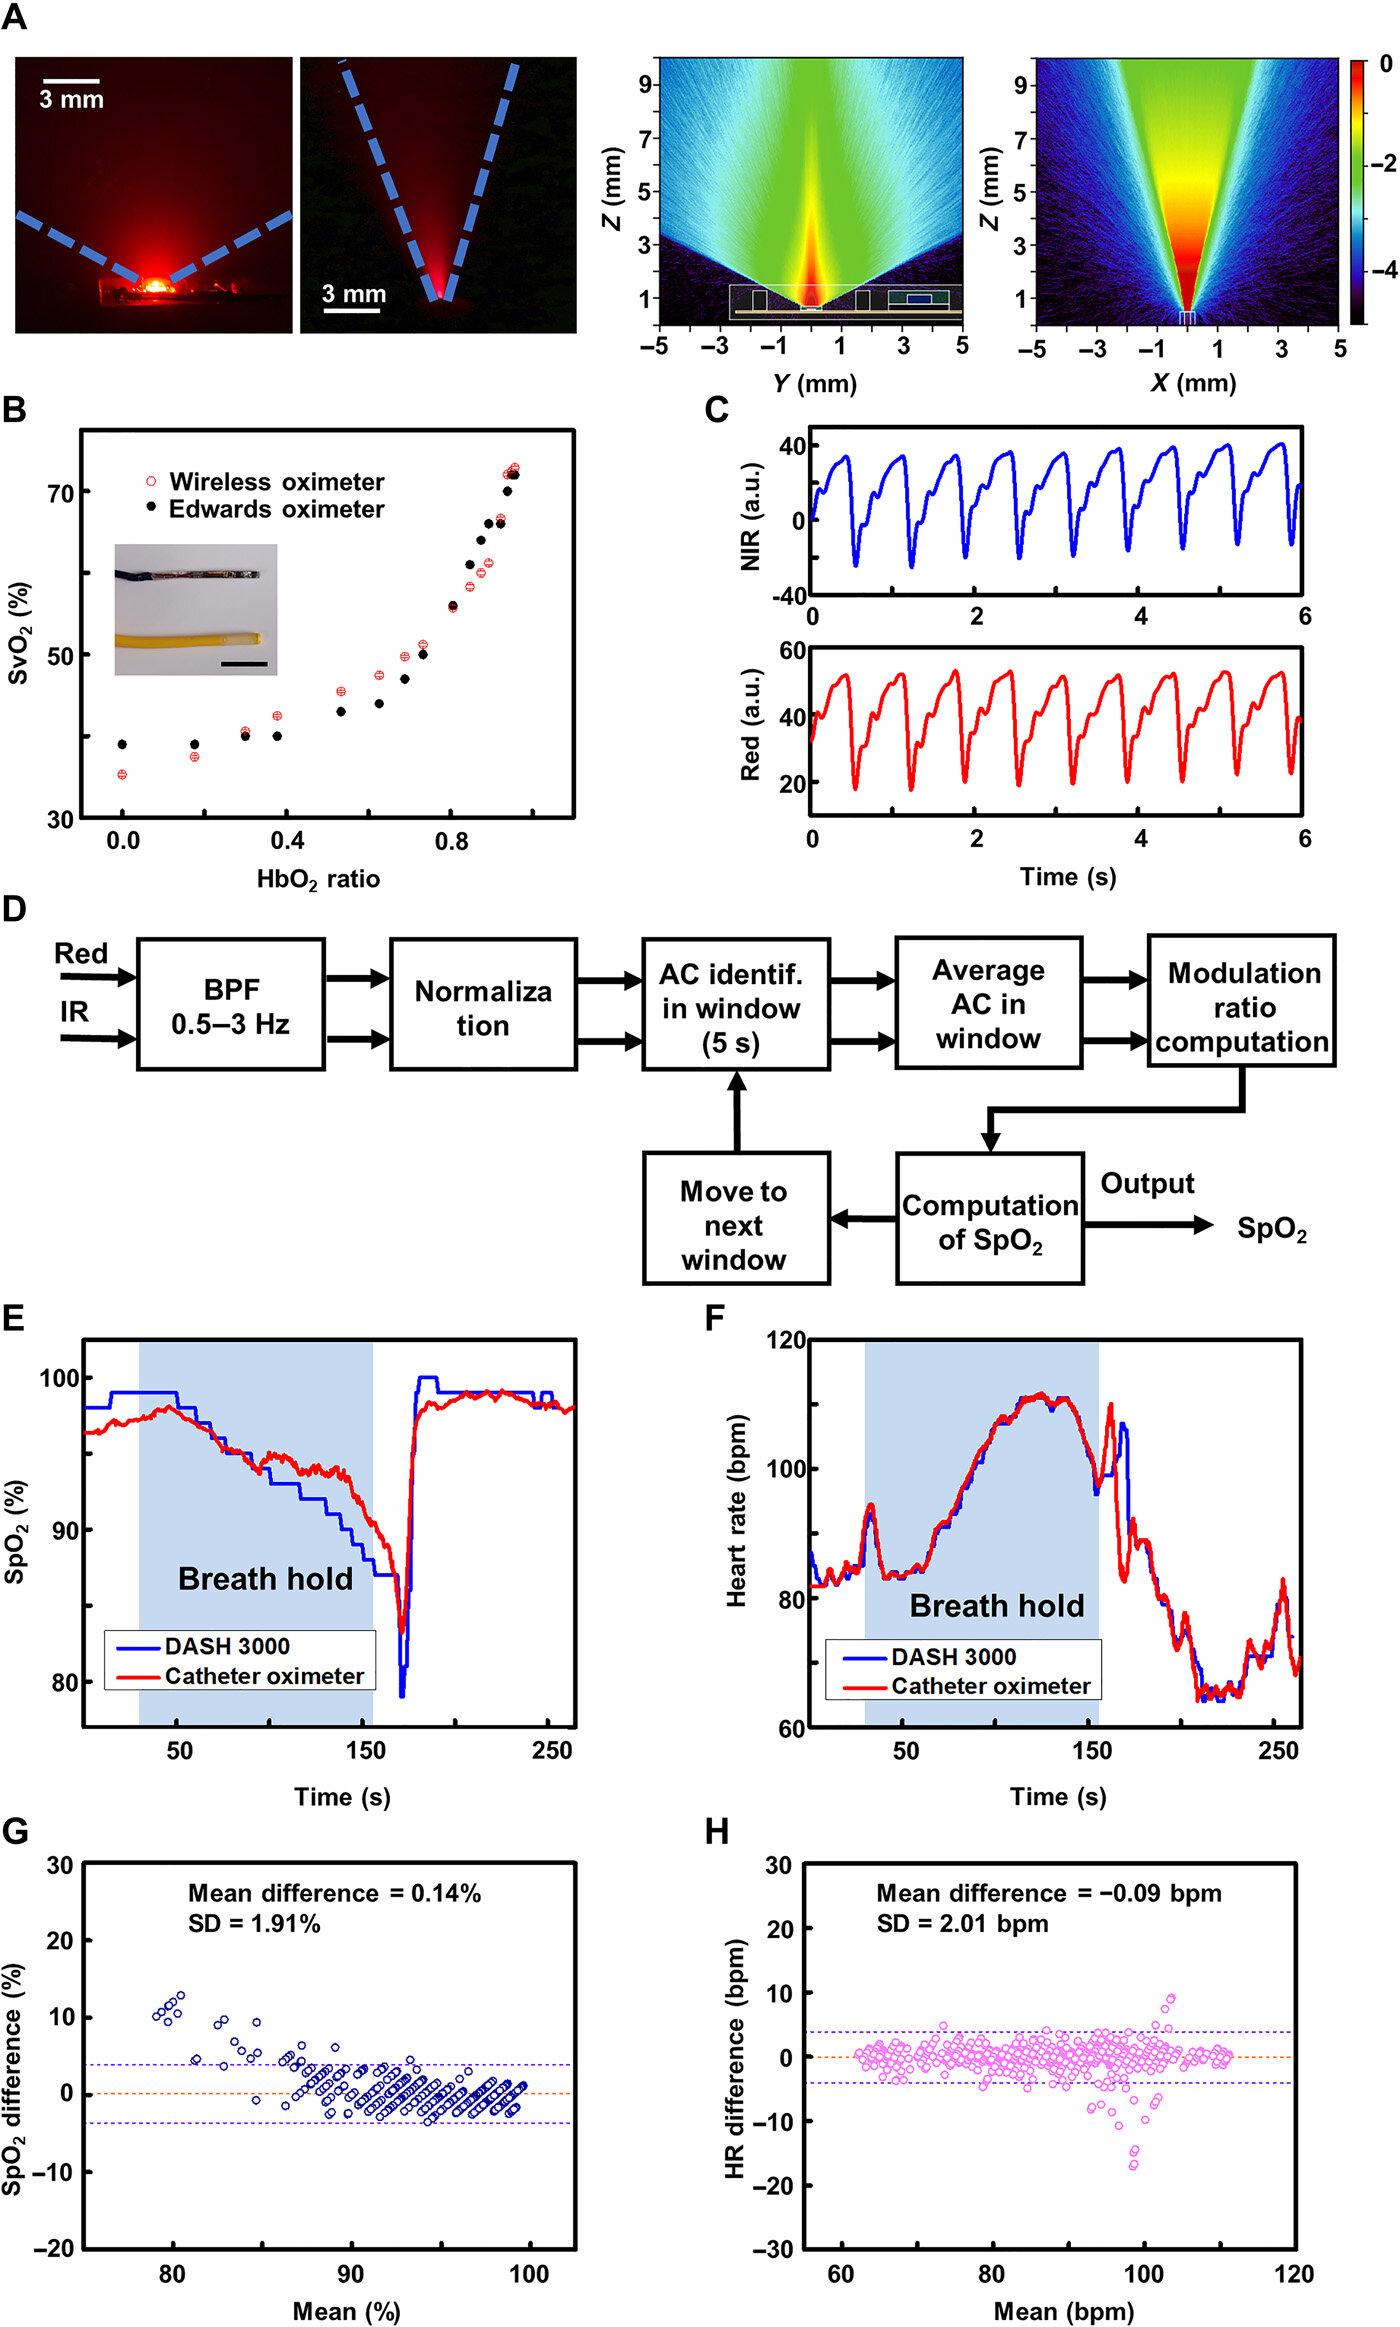 国际研究小组研发微型可植入光电导管系统 可用作手术中监测血氧浓度